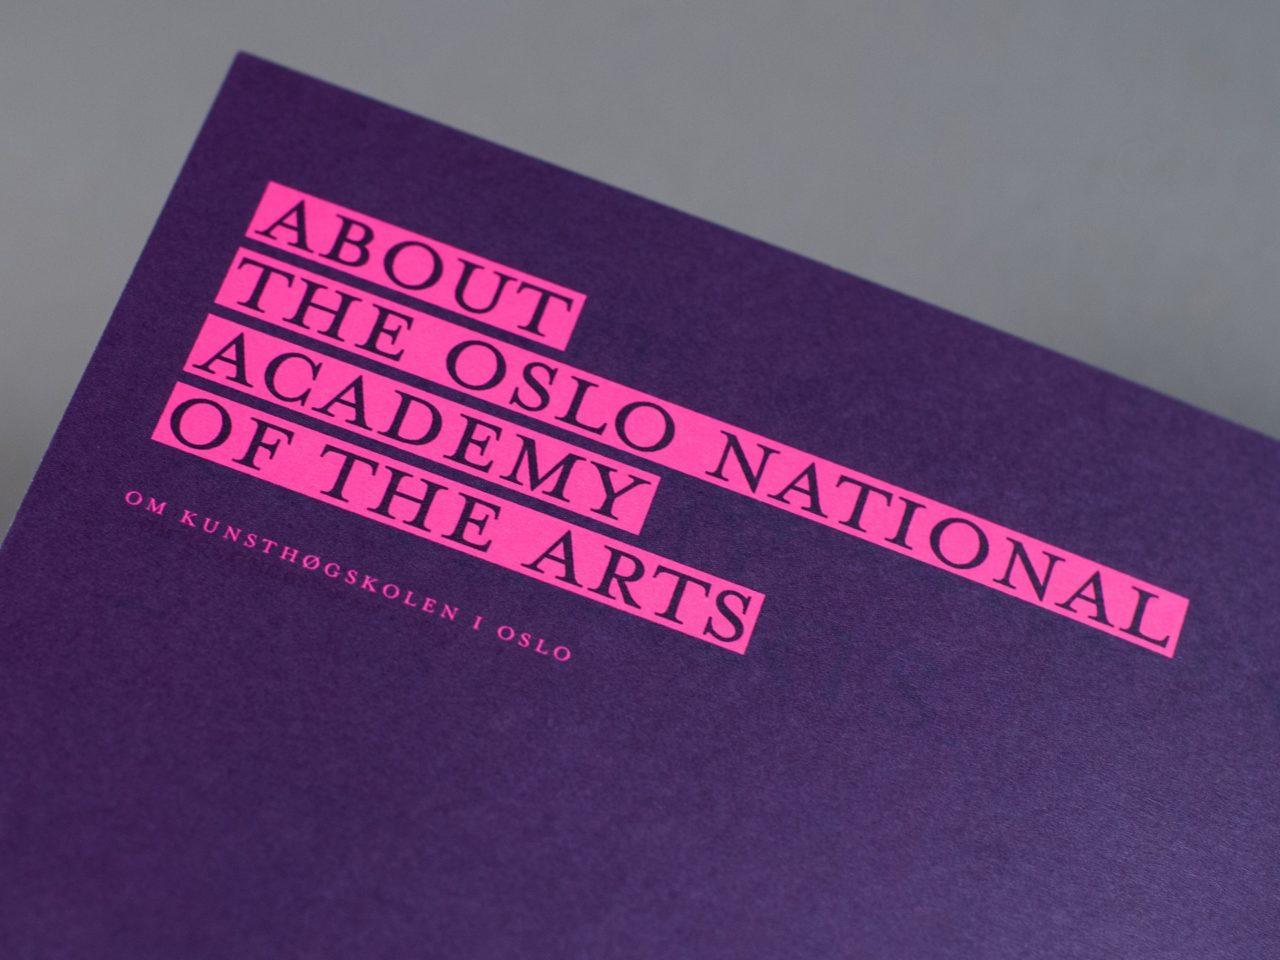 KHiO katalog overskrift